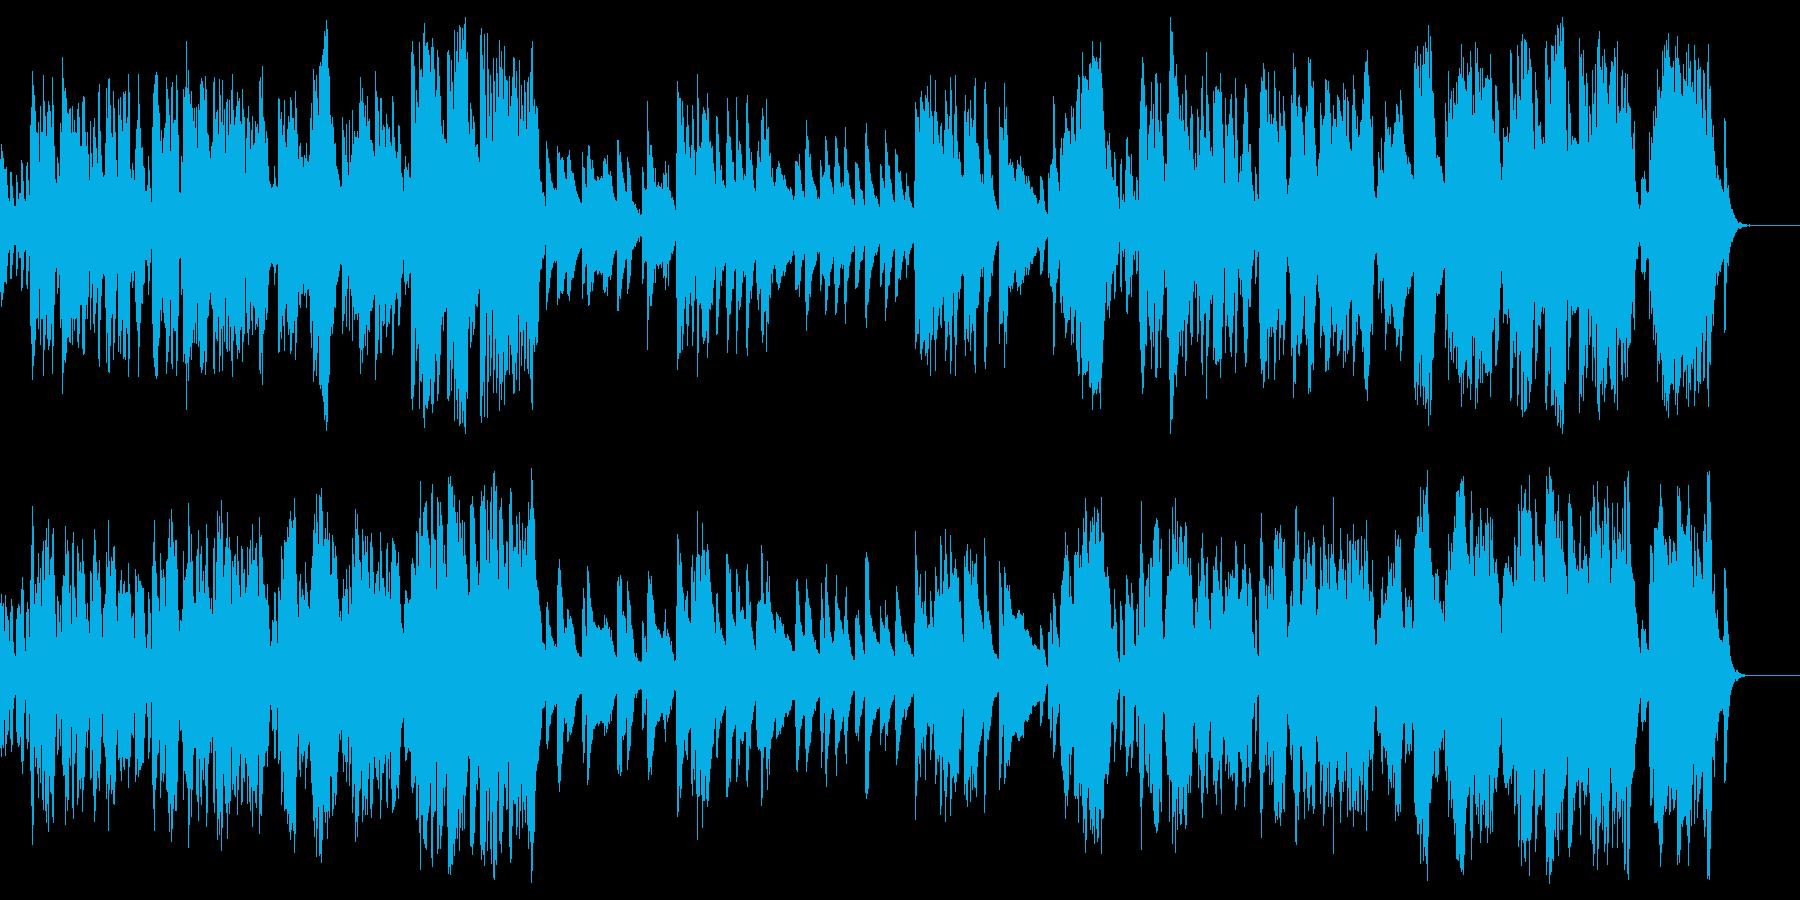 軽快でかわいい子猫のピアノソロBGMの再生済みの波形